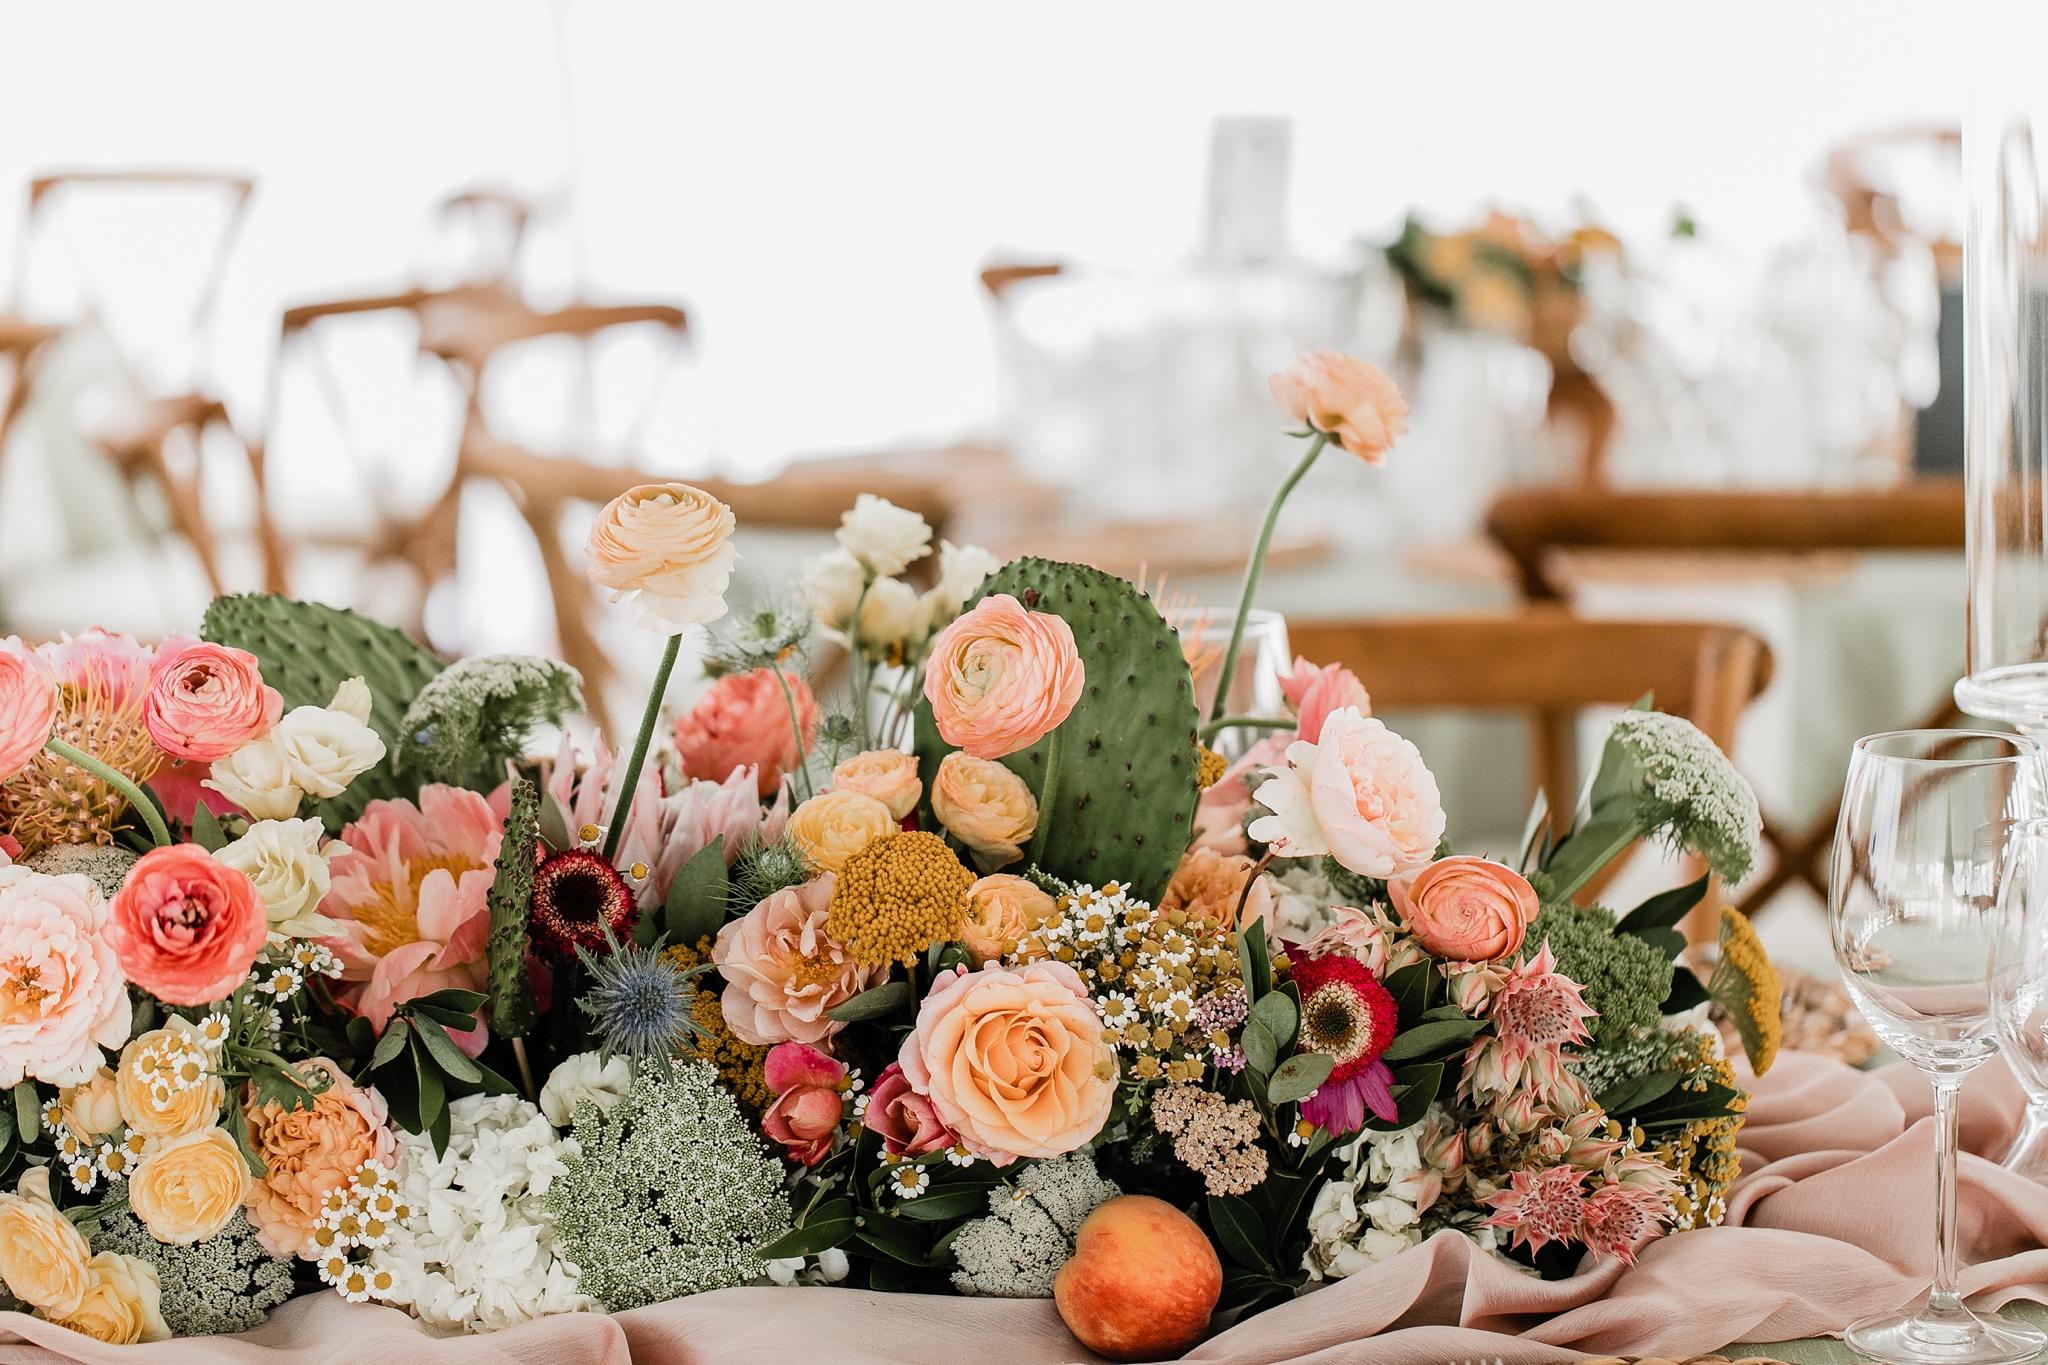 Alicia+lucia+photography+-+albuquerque+wedding+photographer+-+santa+fe+wedding+photography+-+new+mexico+wedding+photographer+-+new+mexico+wedding+-+las+campanas+wedding+-+santa+fe+wedding+-+maximalist+wedding+-+destination+wedding_0127.jpg